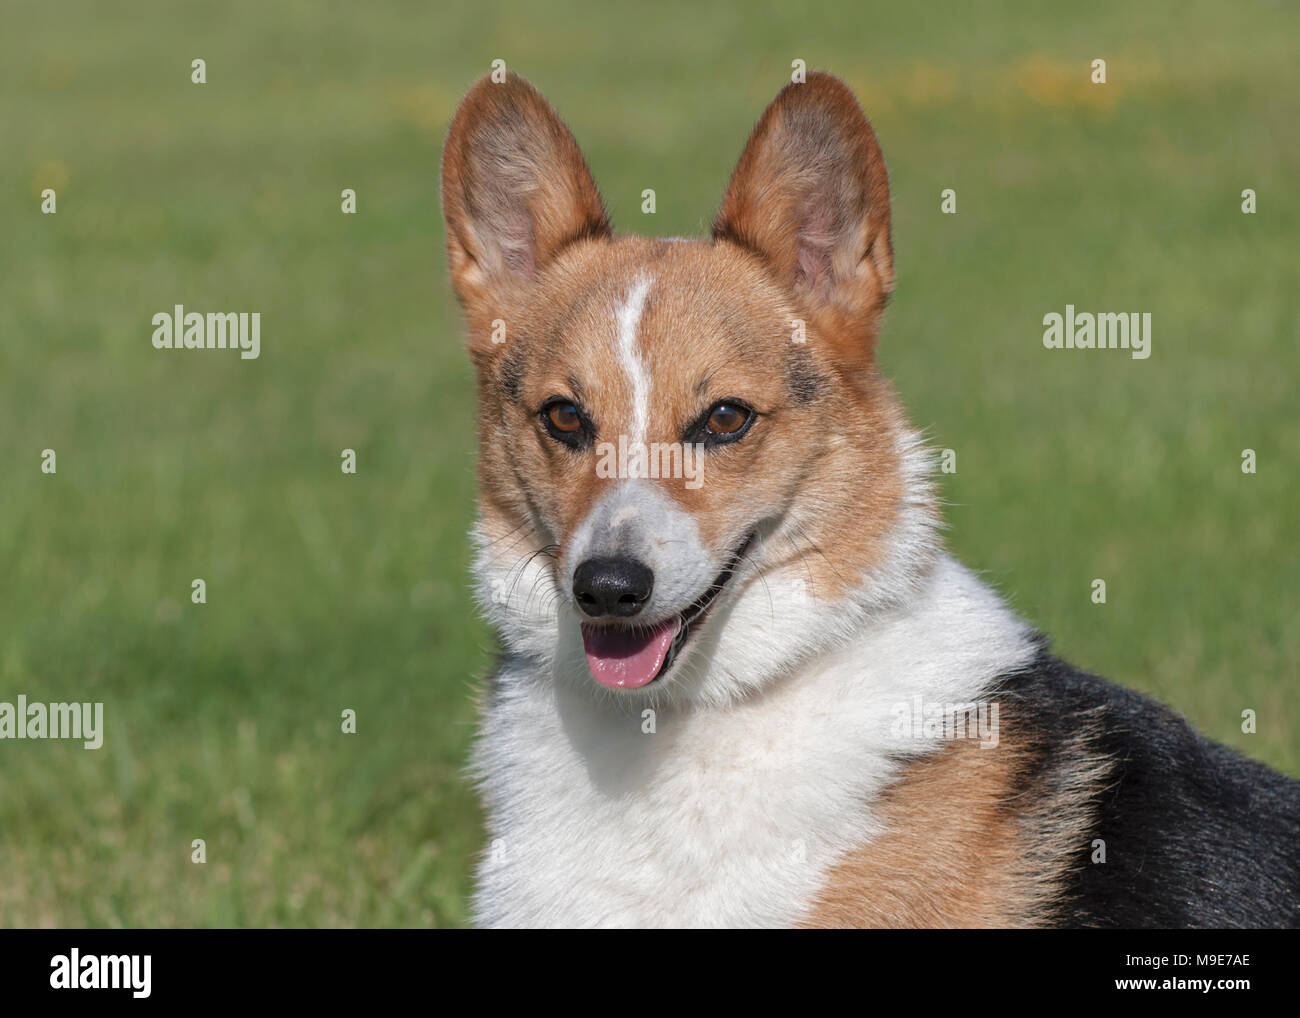 Retrato de sonriente macho tricolor pembroke Welsh Corgi Imagen De Stock